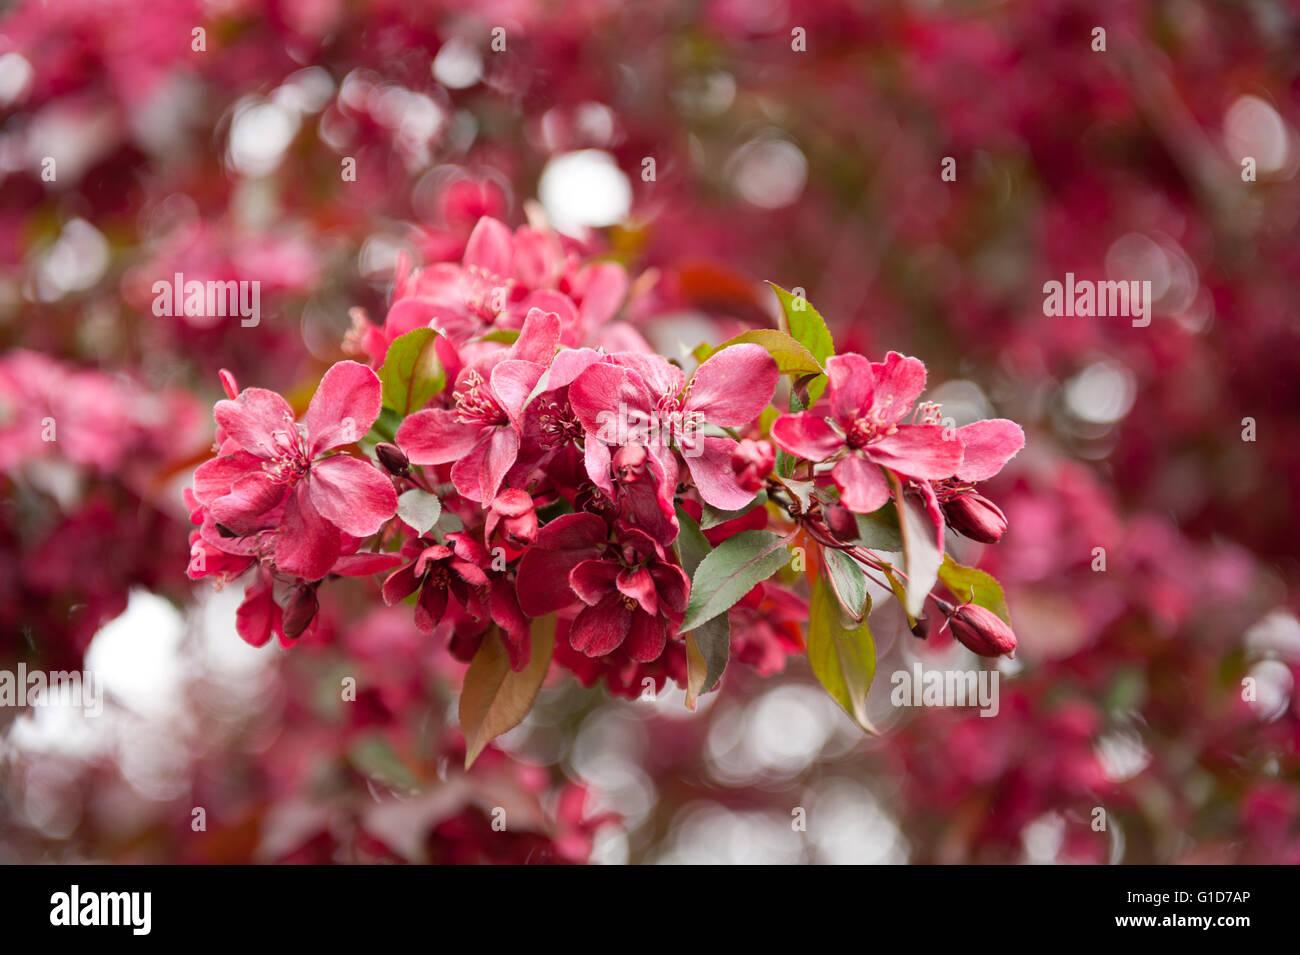 Malus Royalty Crab Apple Tree Red Flowering In Spring Season In